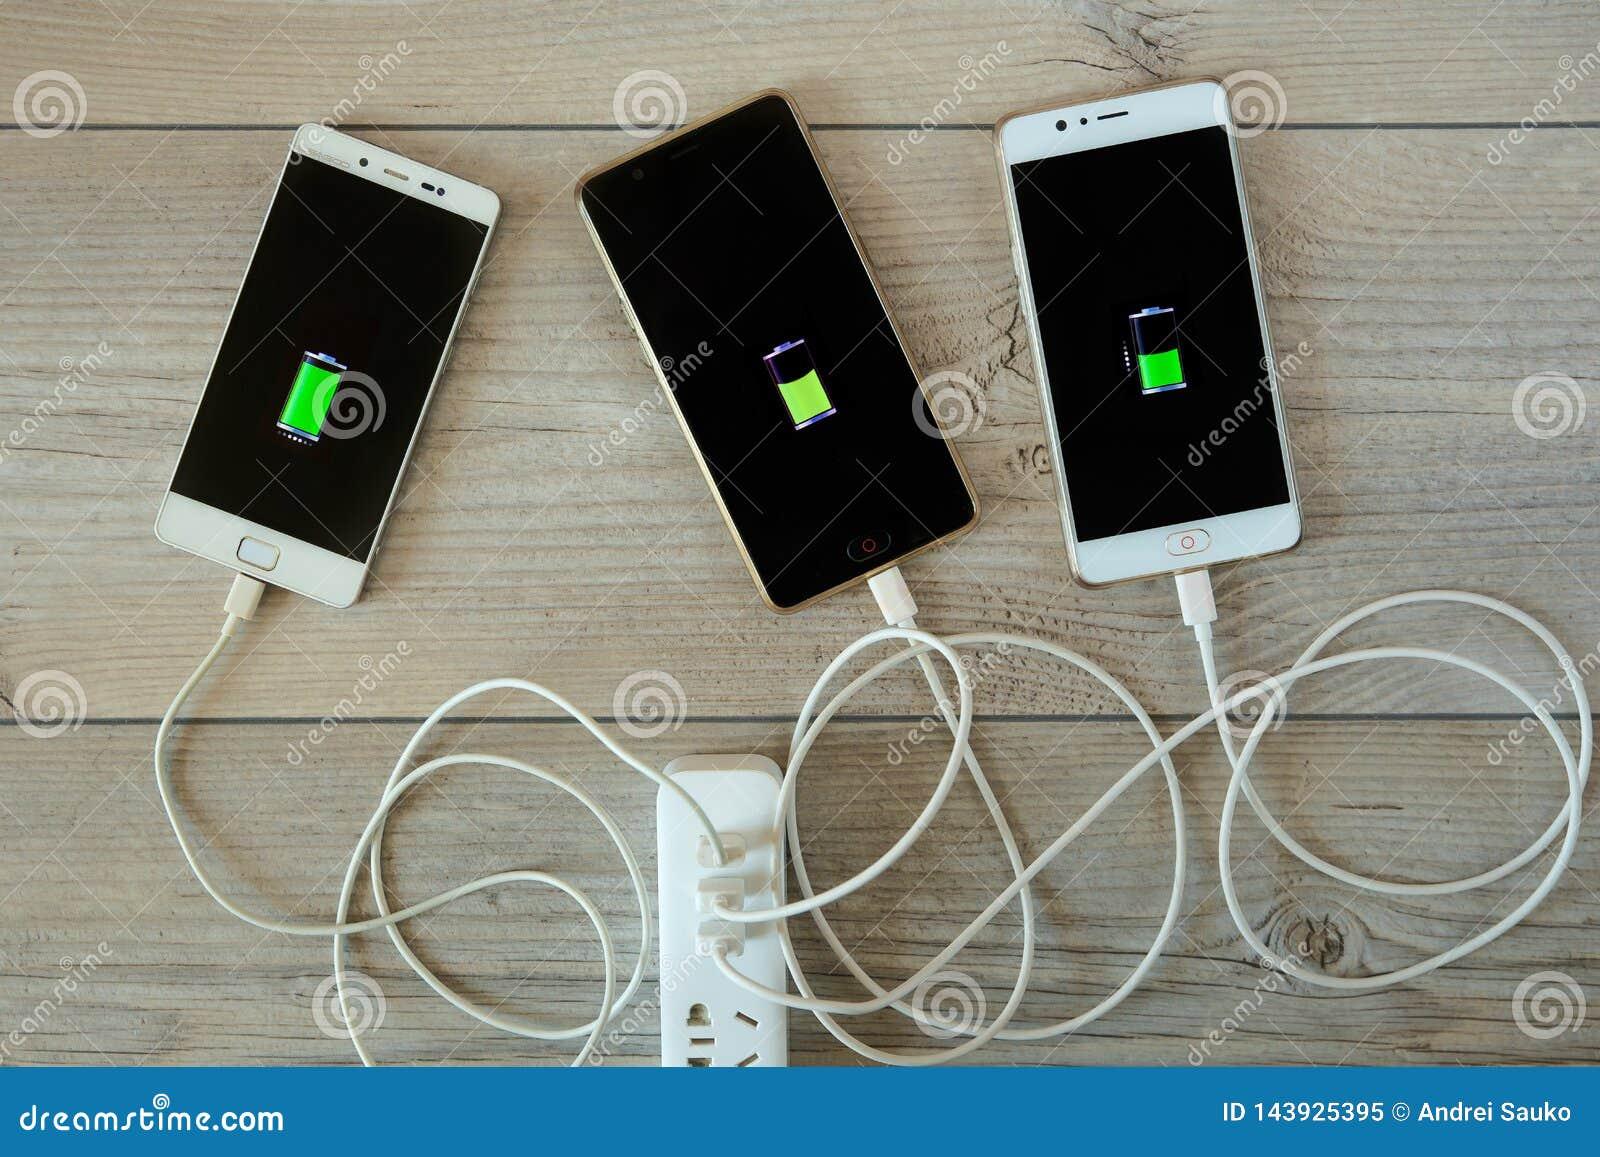 Smartphones wordt geladen van de lader en ligt zij aan zij